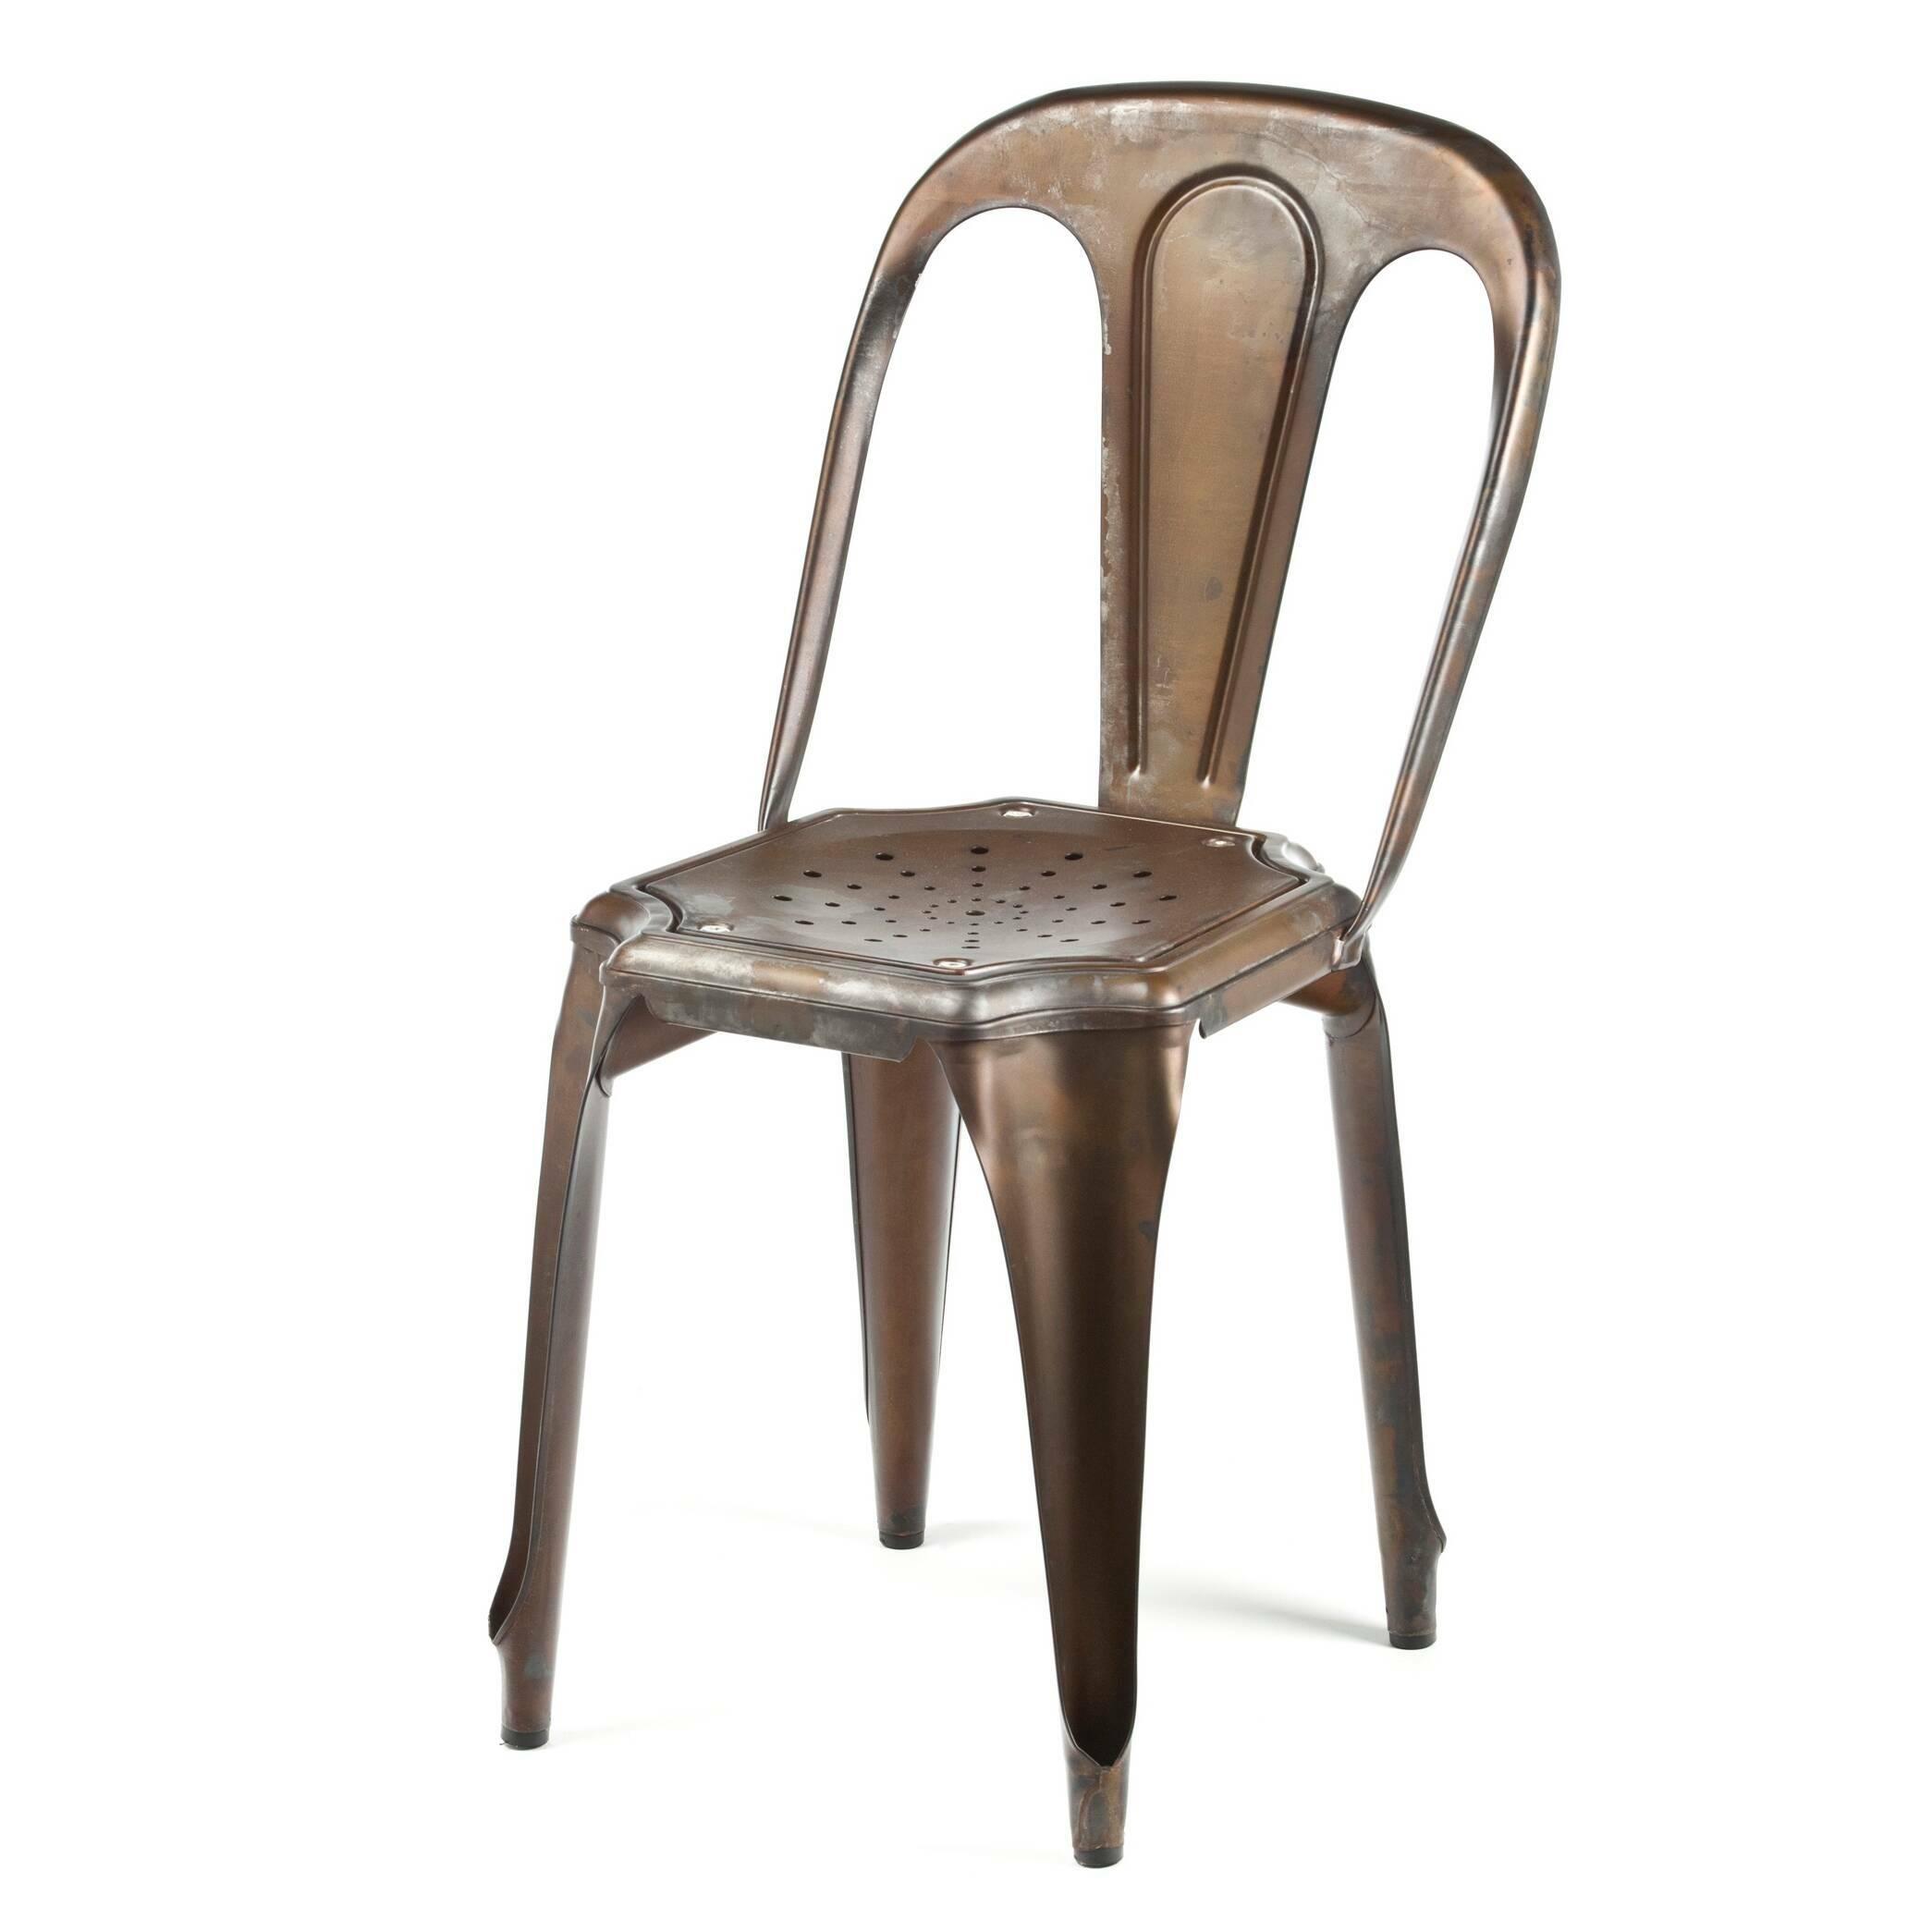 Стул Marais VintageИнтерьерные<br>Дизайнерский винтажный стул Marais Vintage (Мэрейс Винтаж) из стали цвета кофейной ржавчины от Cosmo (Космо).<br><br>     Для помещений клубов, кафе или загородных домов, спроектированных в индустриальном или сельском стиле, органичным элементом интерьера станут стулья Marais Vintage.<br><br><br>     Эскизы этого предмета мебели принадлежат руке Ксавье Пошара, французского дизайнера прошлого века. Разработанные им методы работы с металлом до сих пор широко используются в самых разных отраслях.<br><br><br> Ст...<br><br>stock: 20<br>Высота: 80<br>Высота сиденья: 45<br>Ширина: 42<br>Глубина: 53<br>Тип материала каркаса: Сталь<br>Цвет каркаса: Ржавчина кофейная